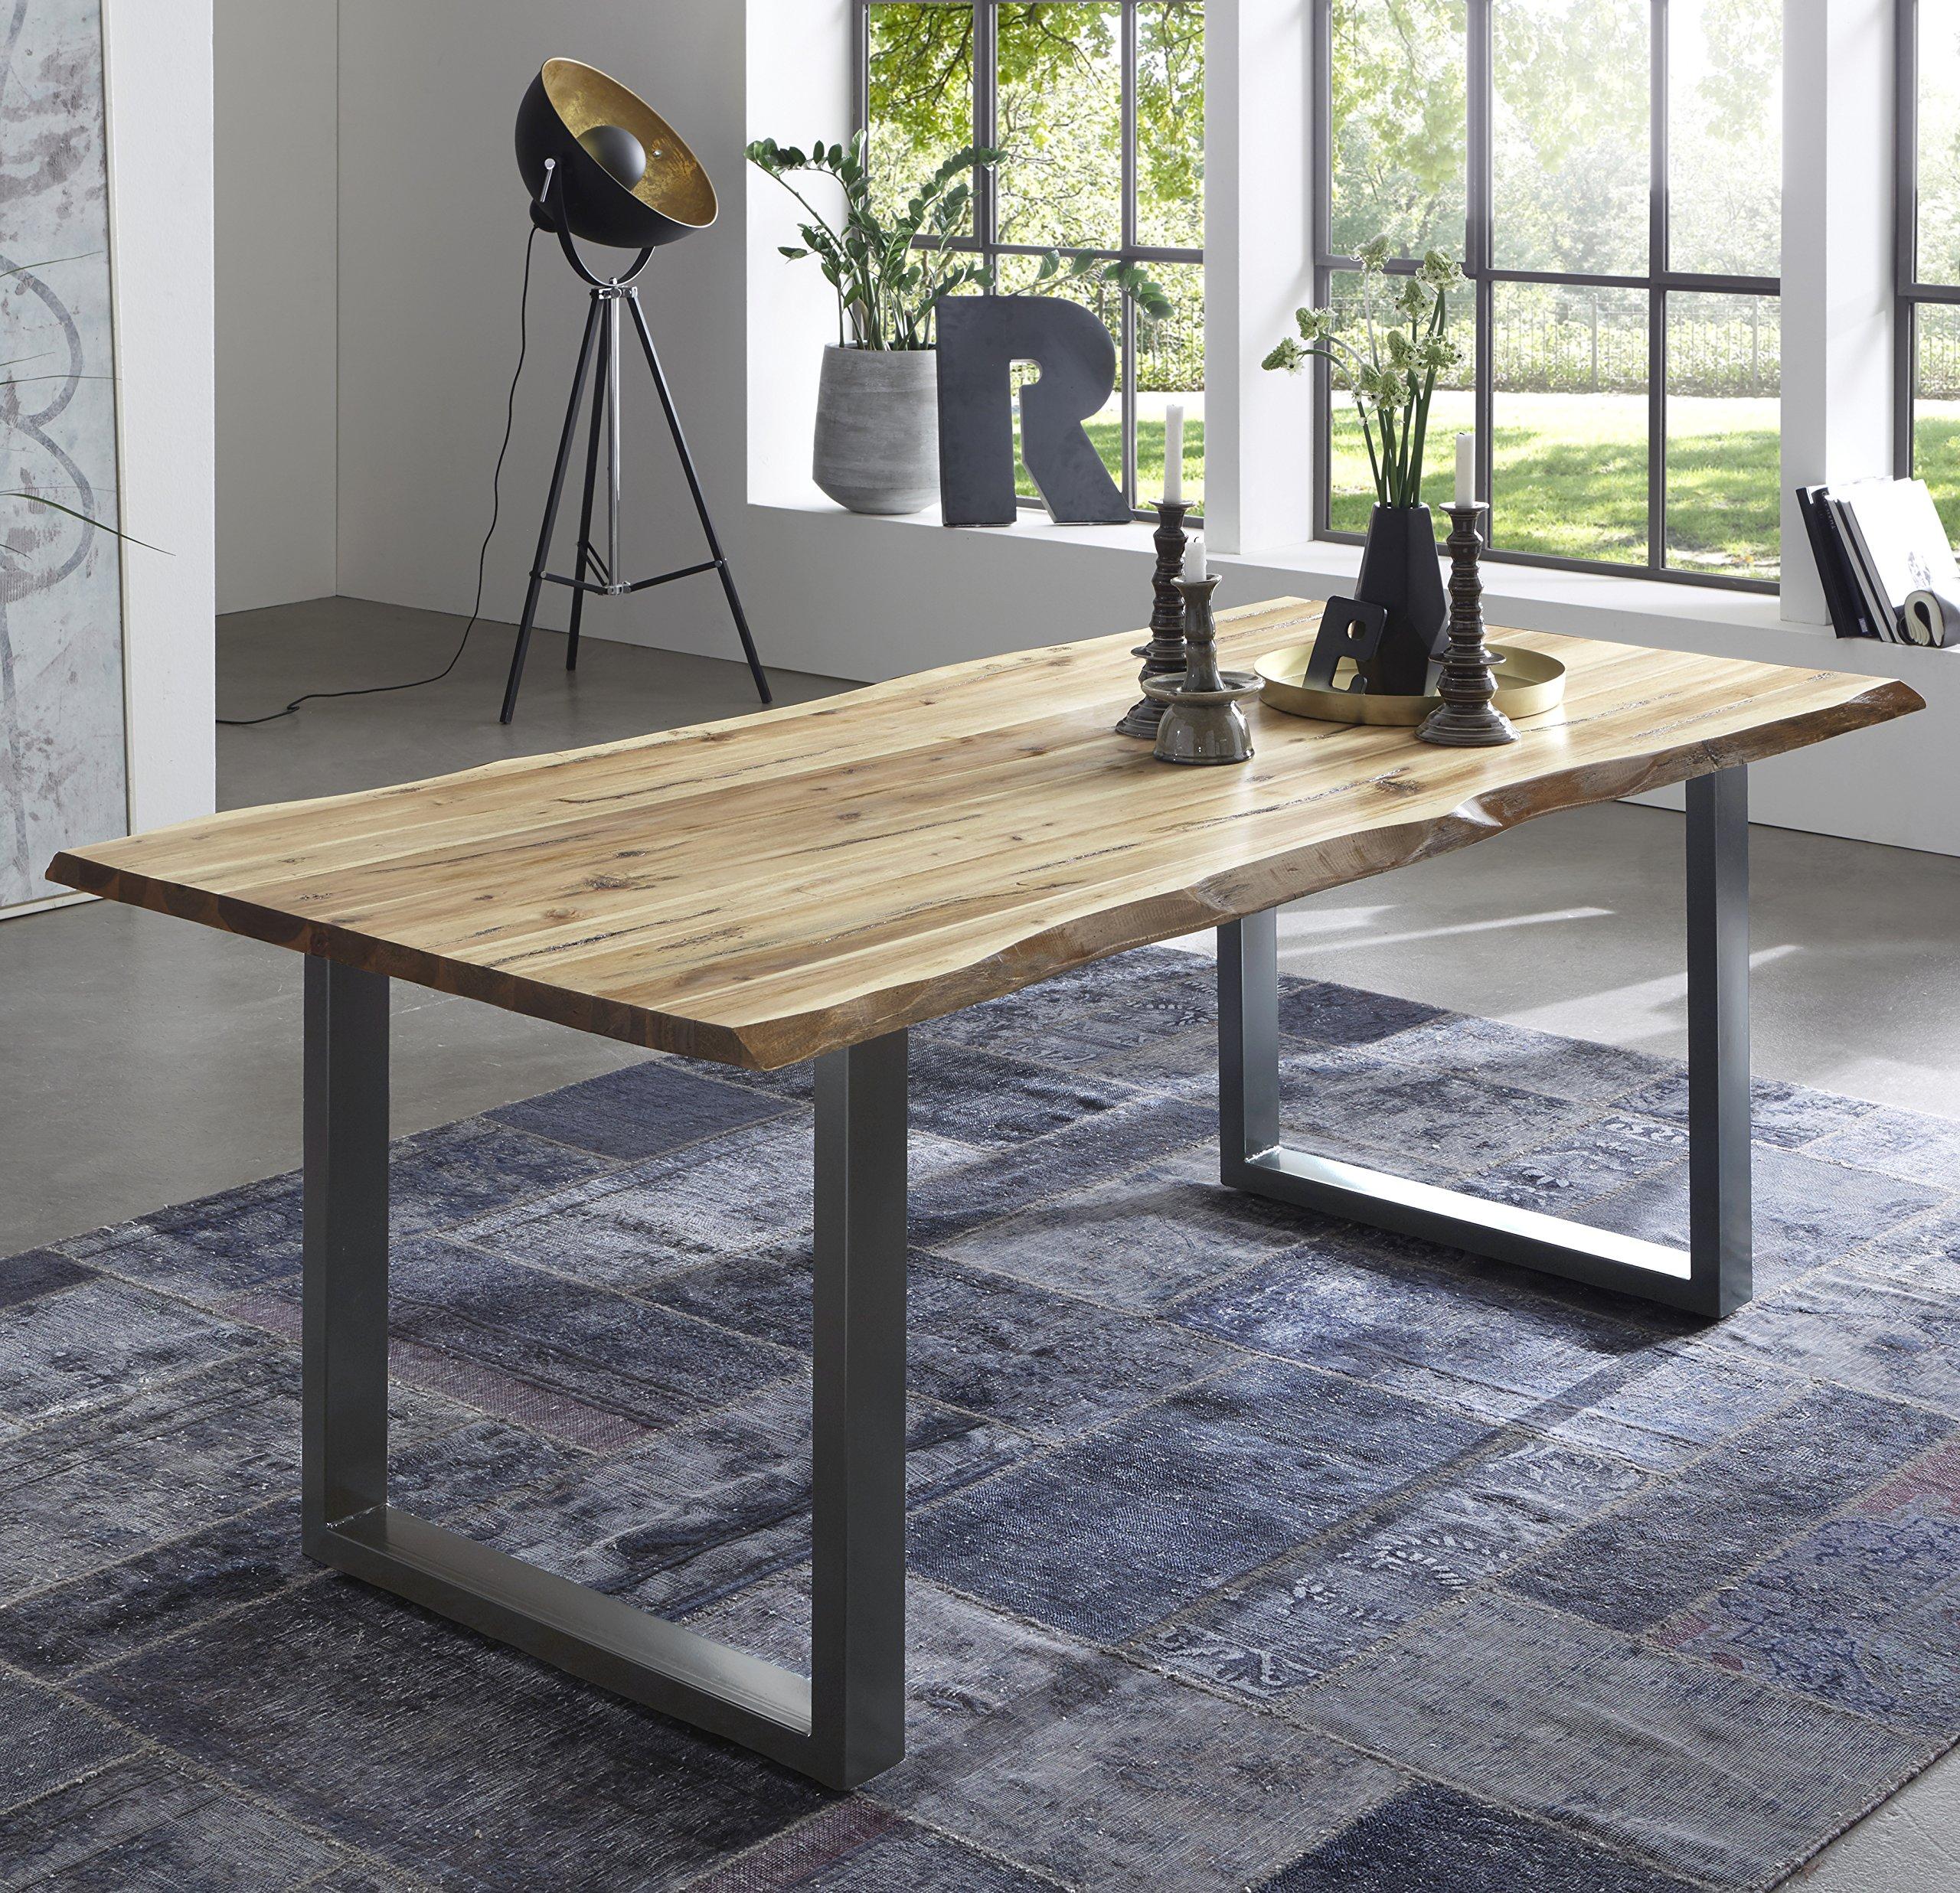 SAM Esszimmertisch Quintus, echte Baumkante, massiver Esstisch aus  Akazienholz, Metallbeine, Baumkantentisch - Möbelbilliger.de